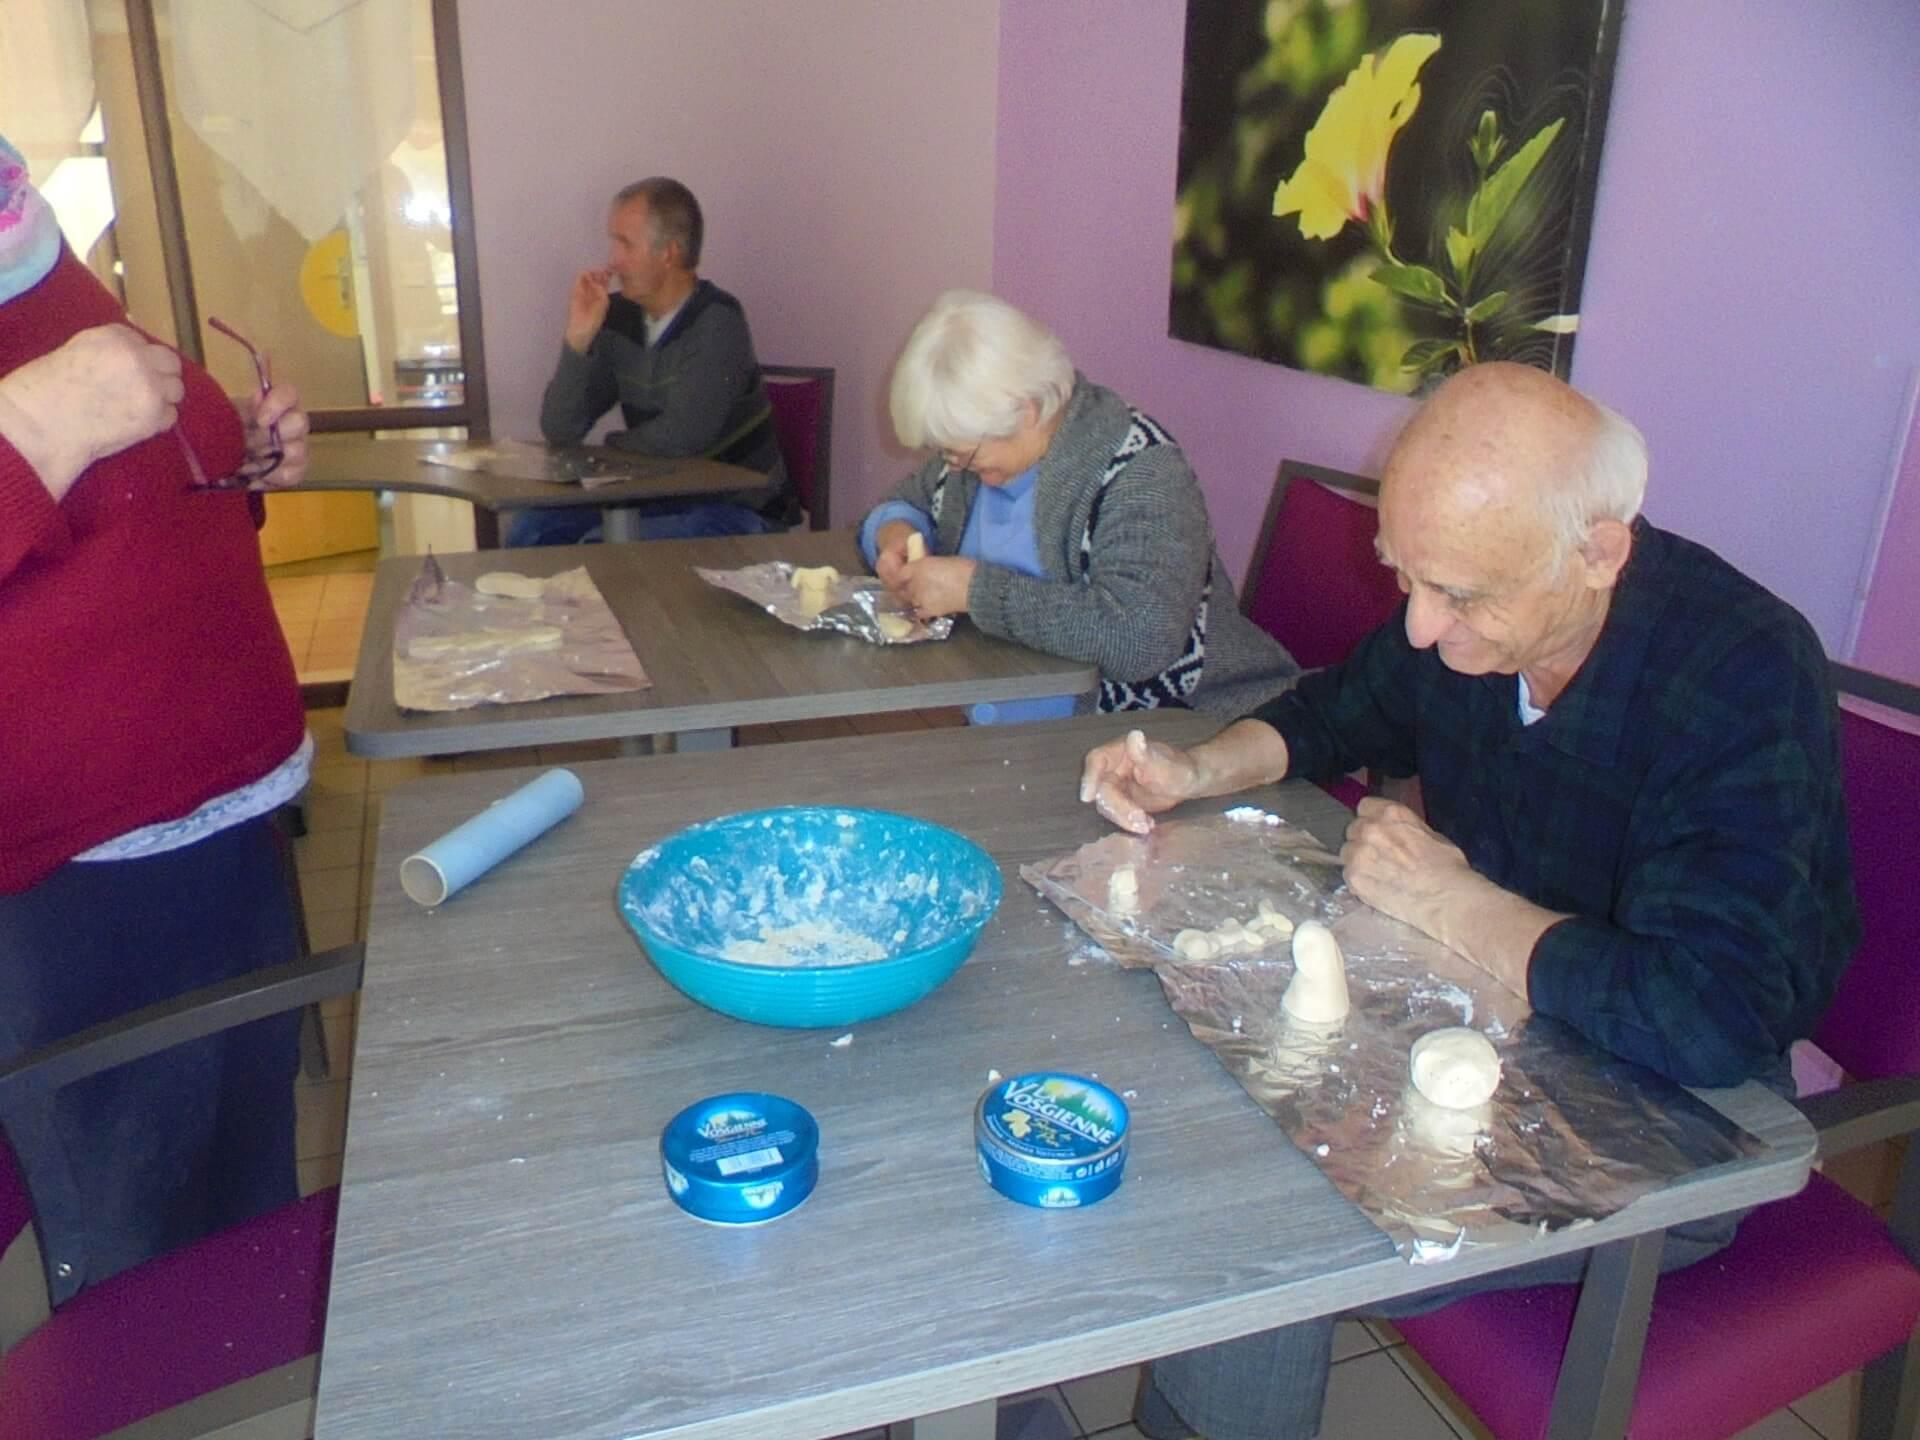 Atelier pâte à sel - le 23 avril